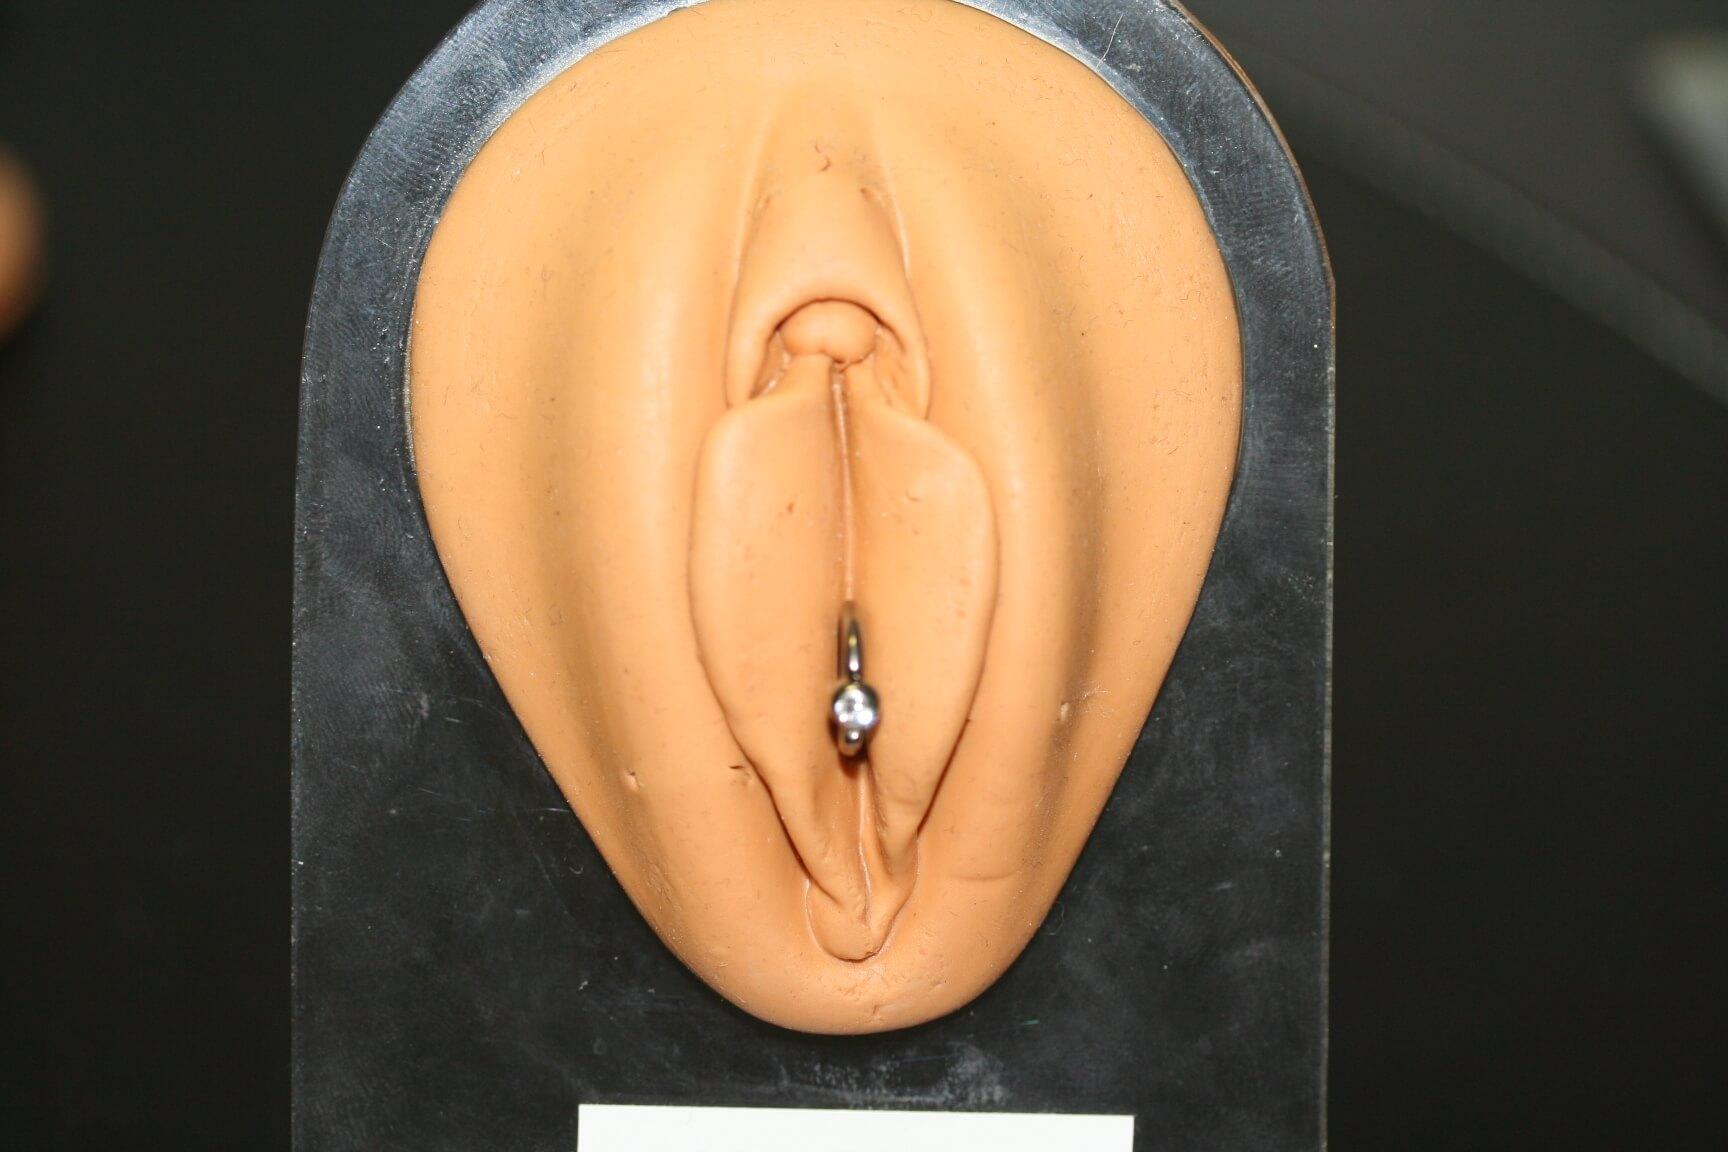 genitalpiercings frau